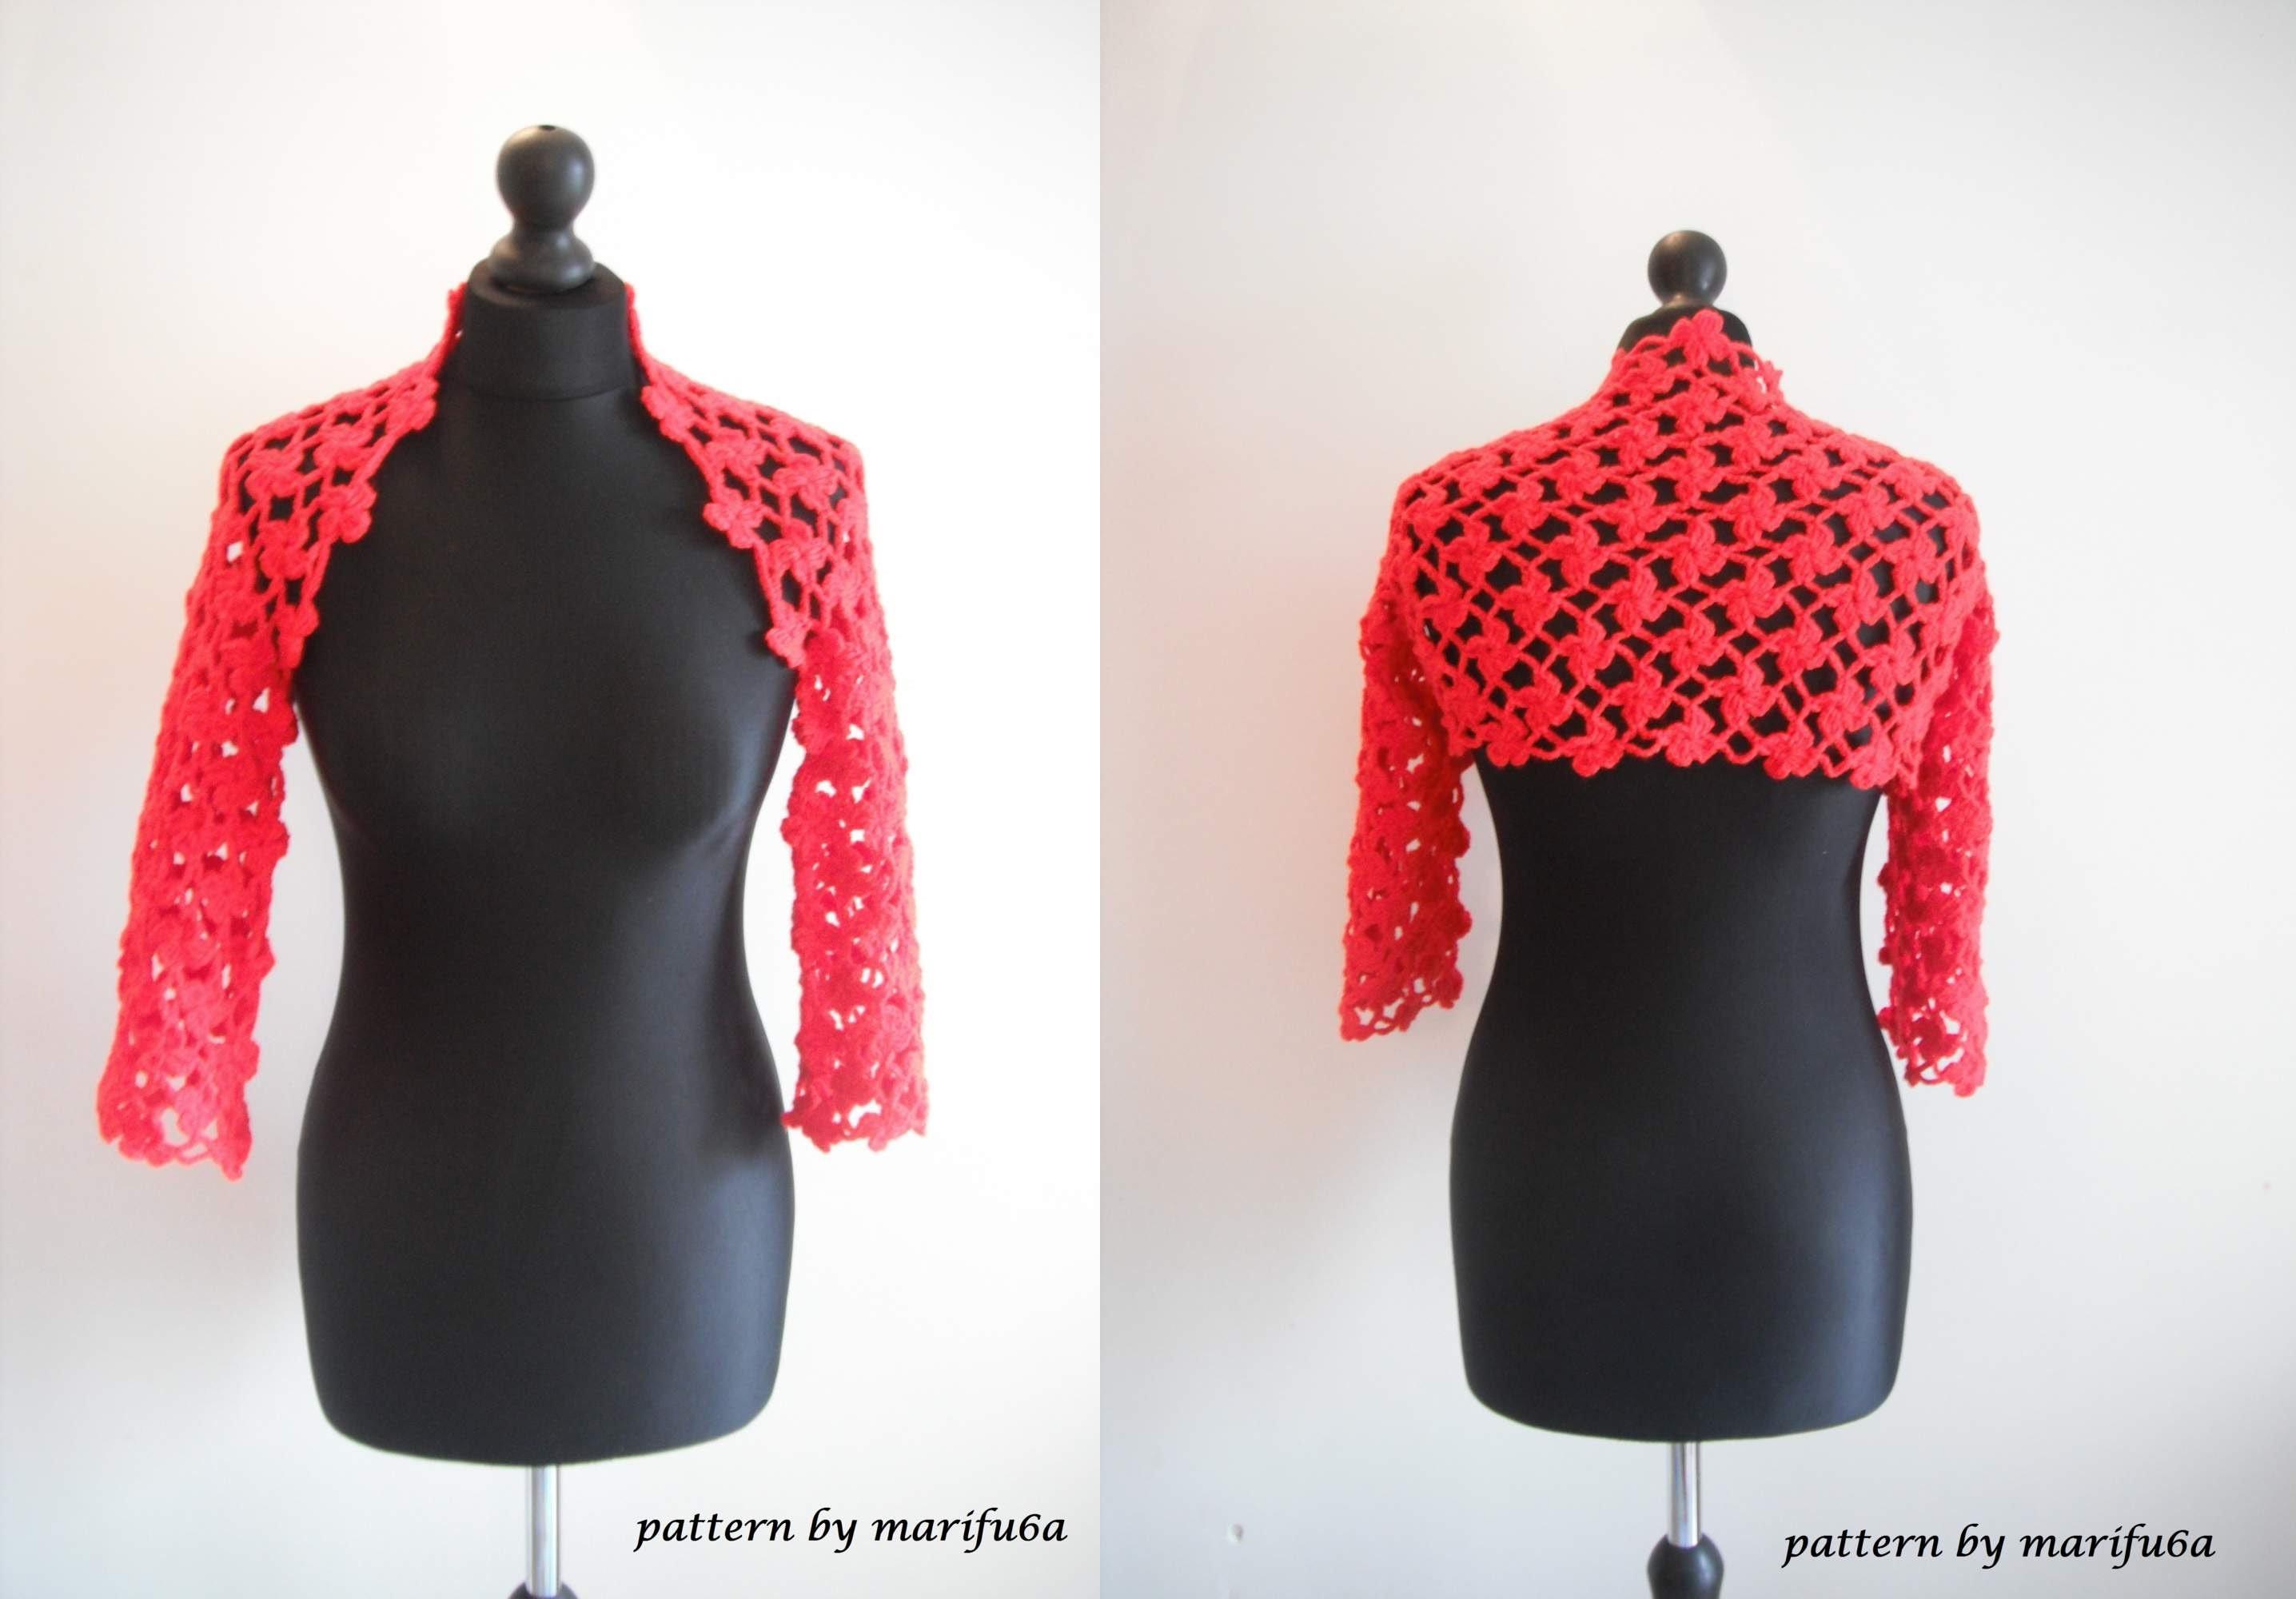 Crochet Flower Shrug Pattern : How to crochet flower red bolero shrug for beginners free ...